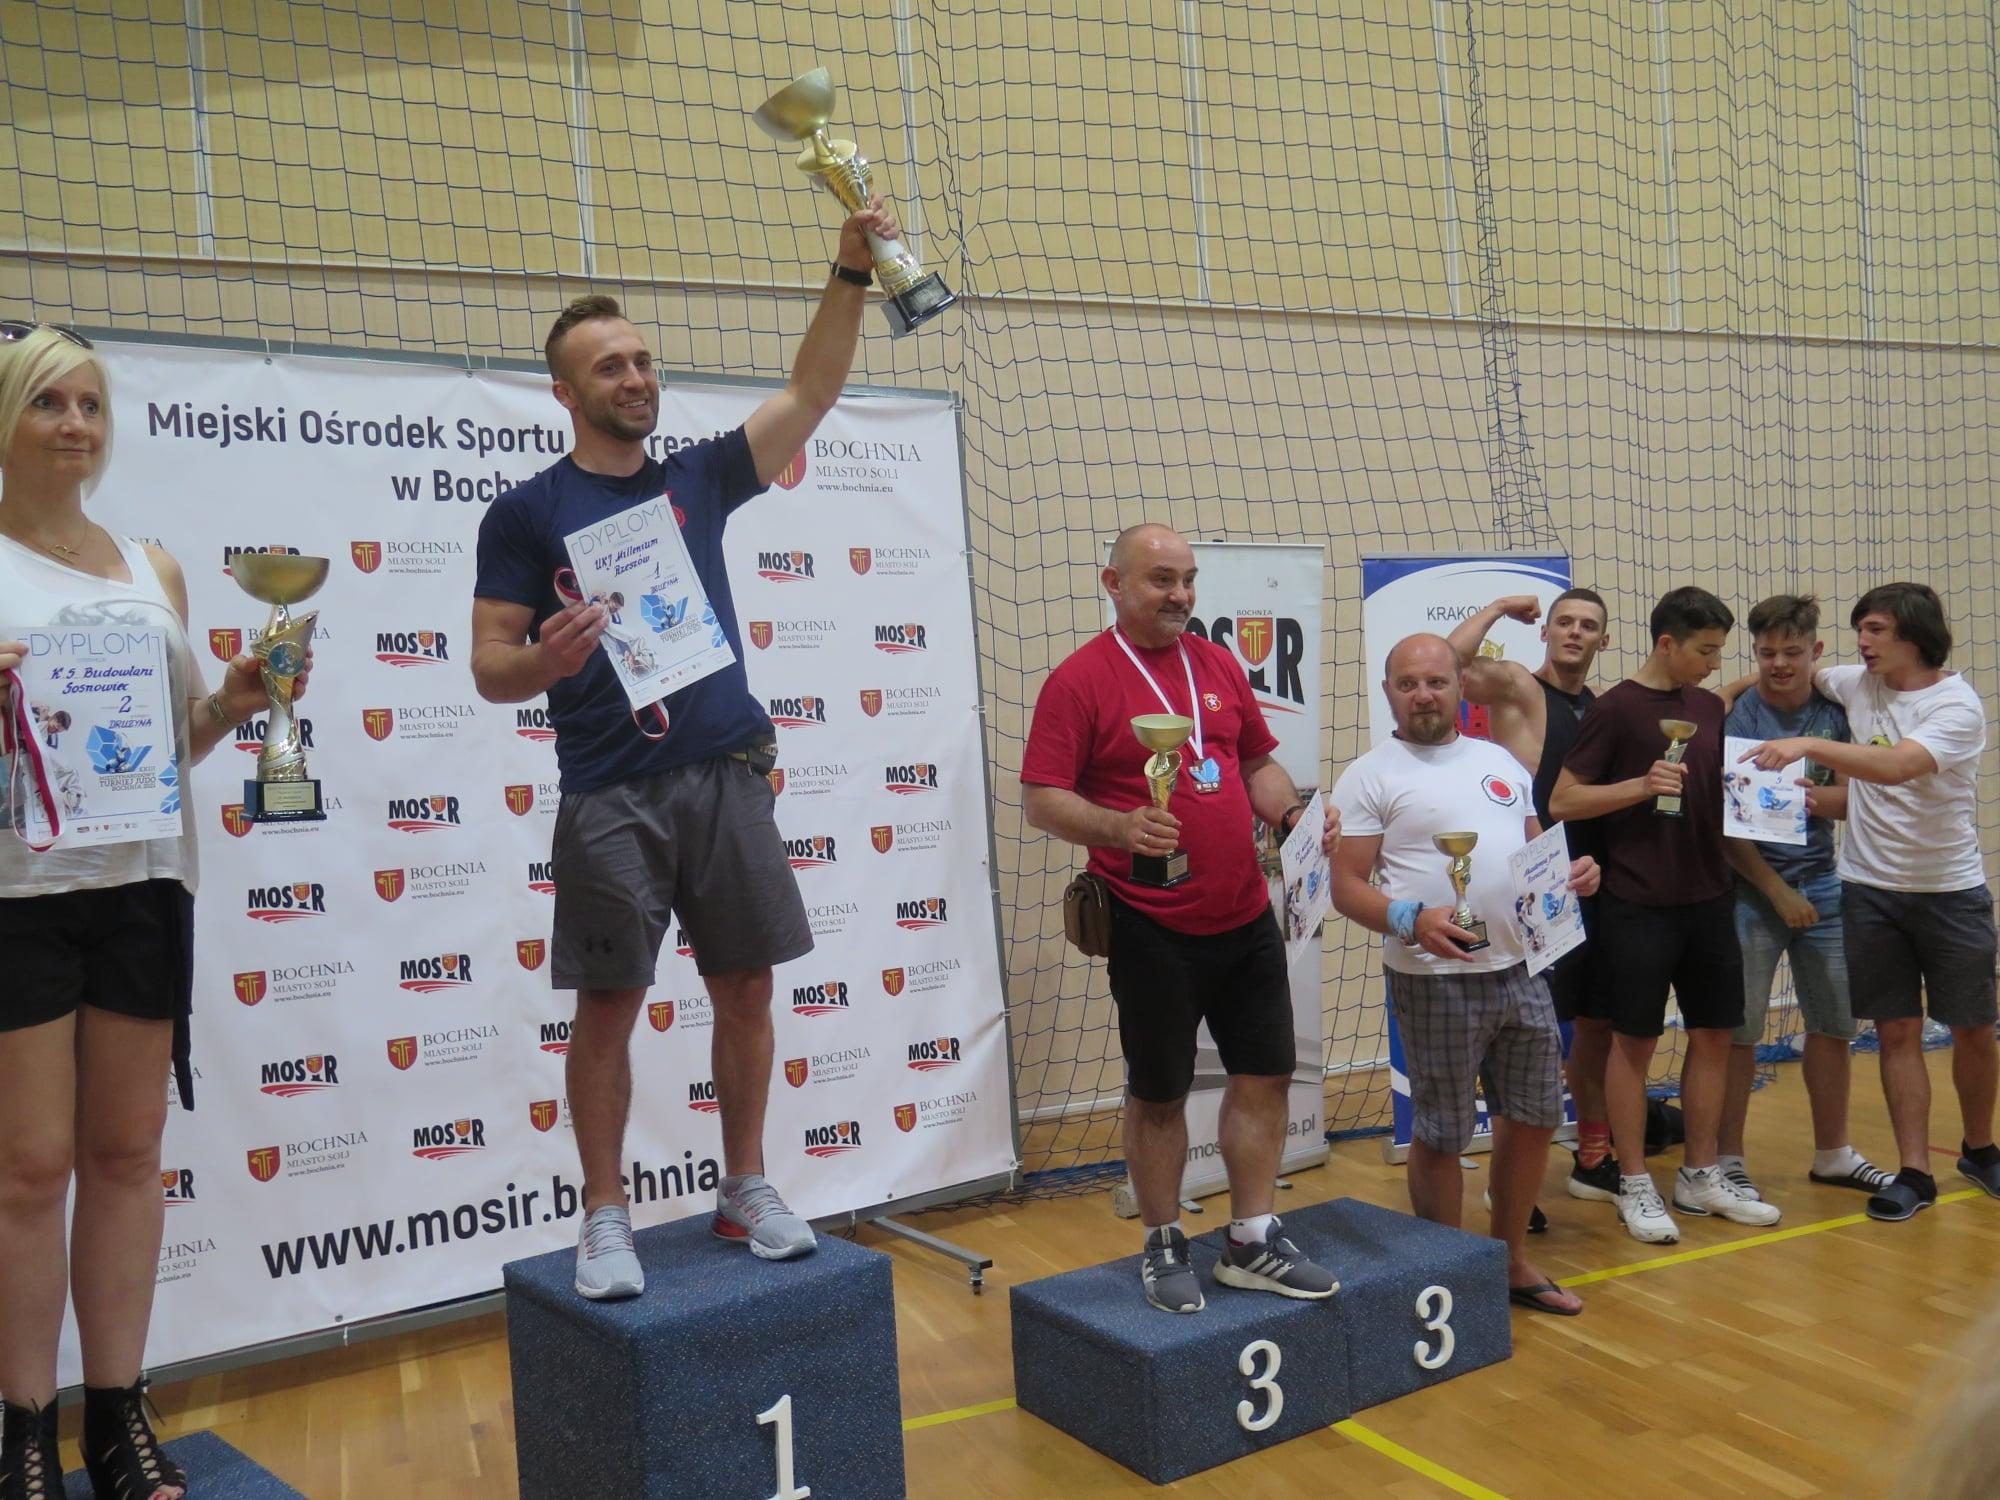 Klasyfikacja-druzynowa-XXIII-Miedzynarodowego-Turnieju-Judo-w-Bochni-19.06.2021.